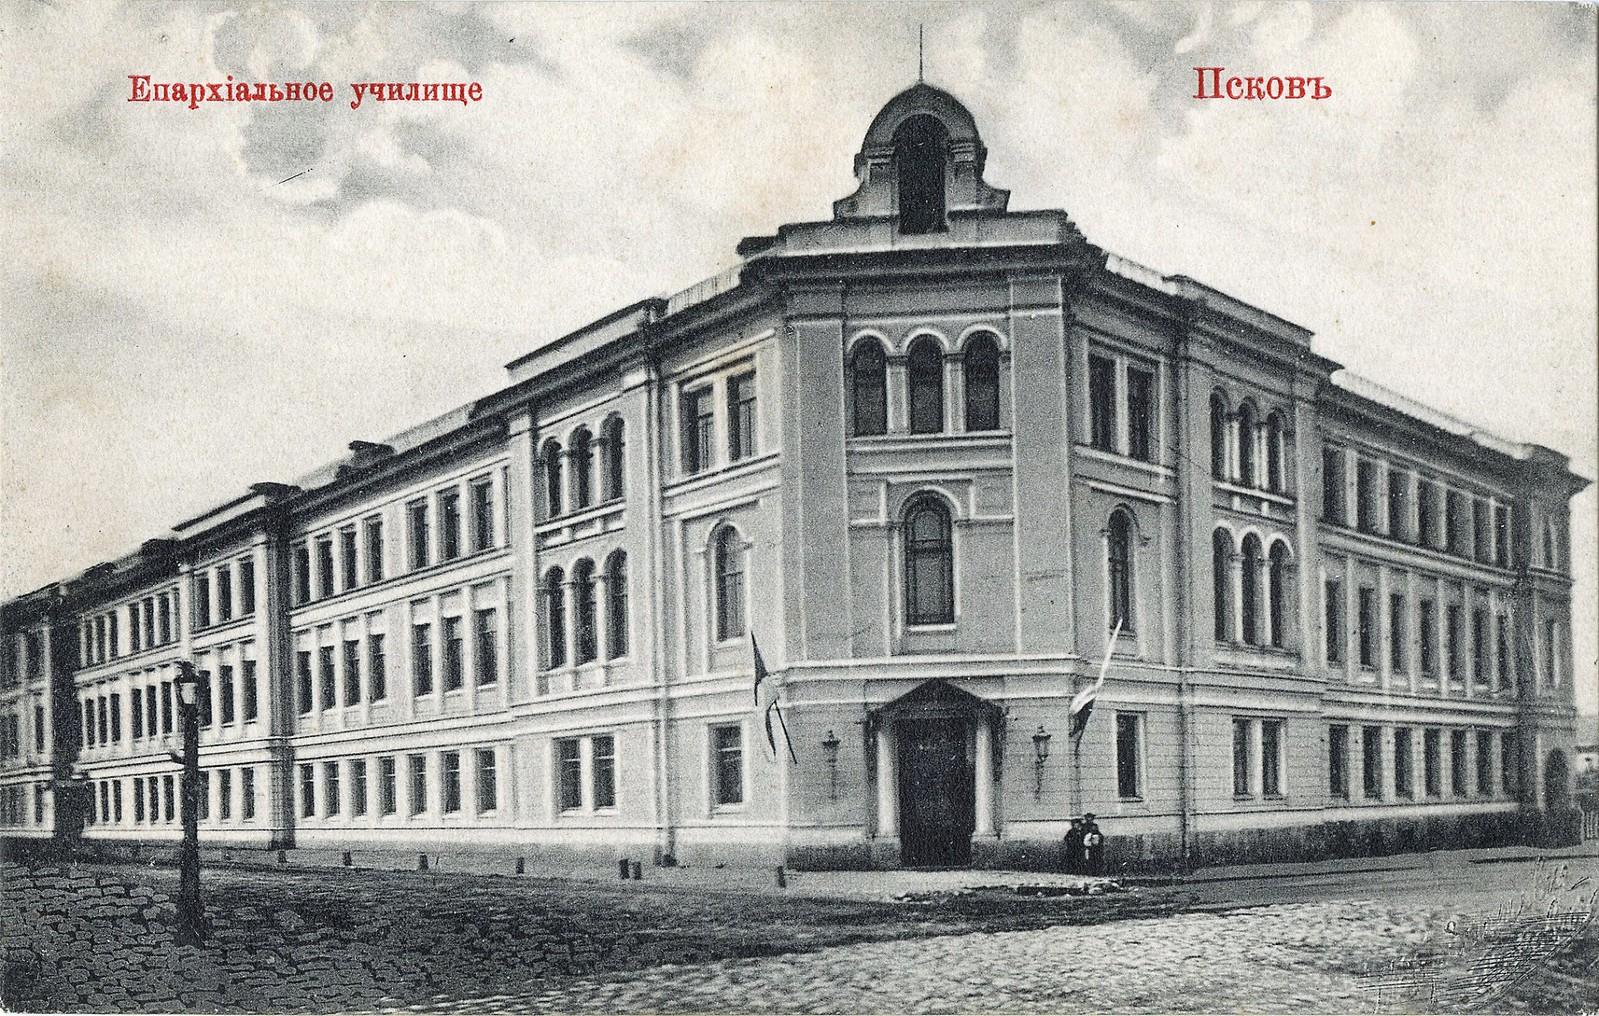 Епархиальное училище.